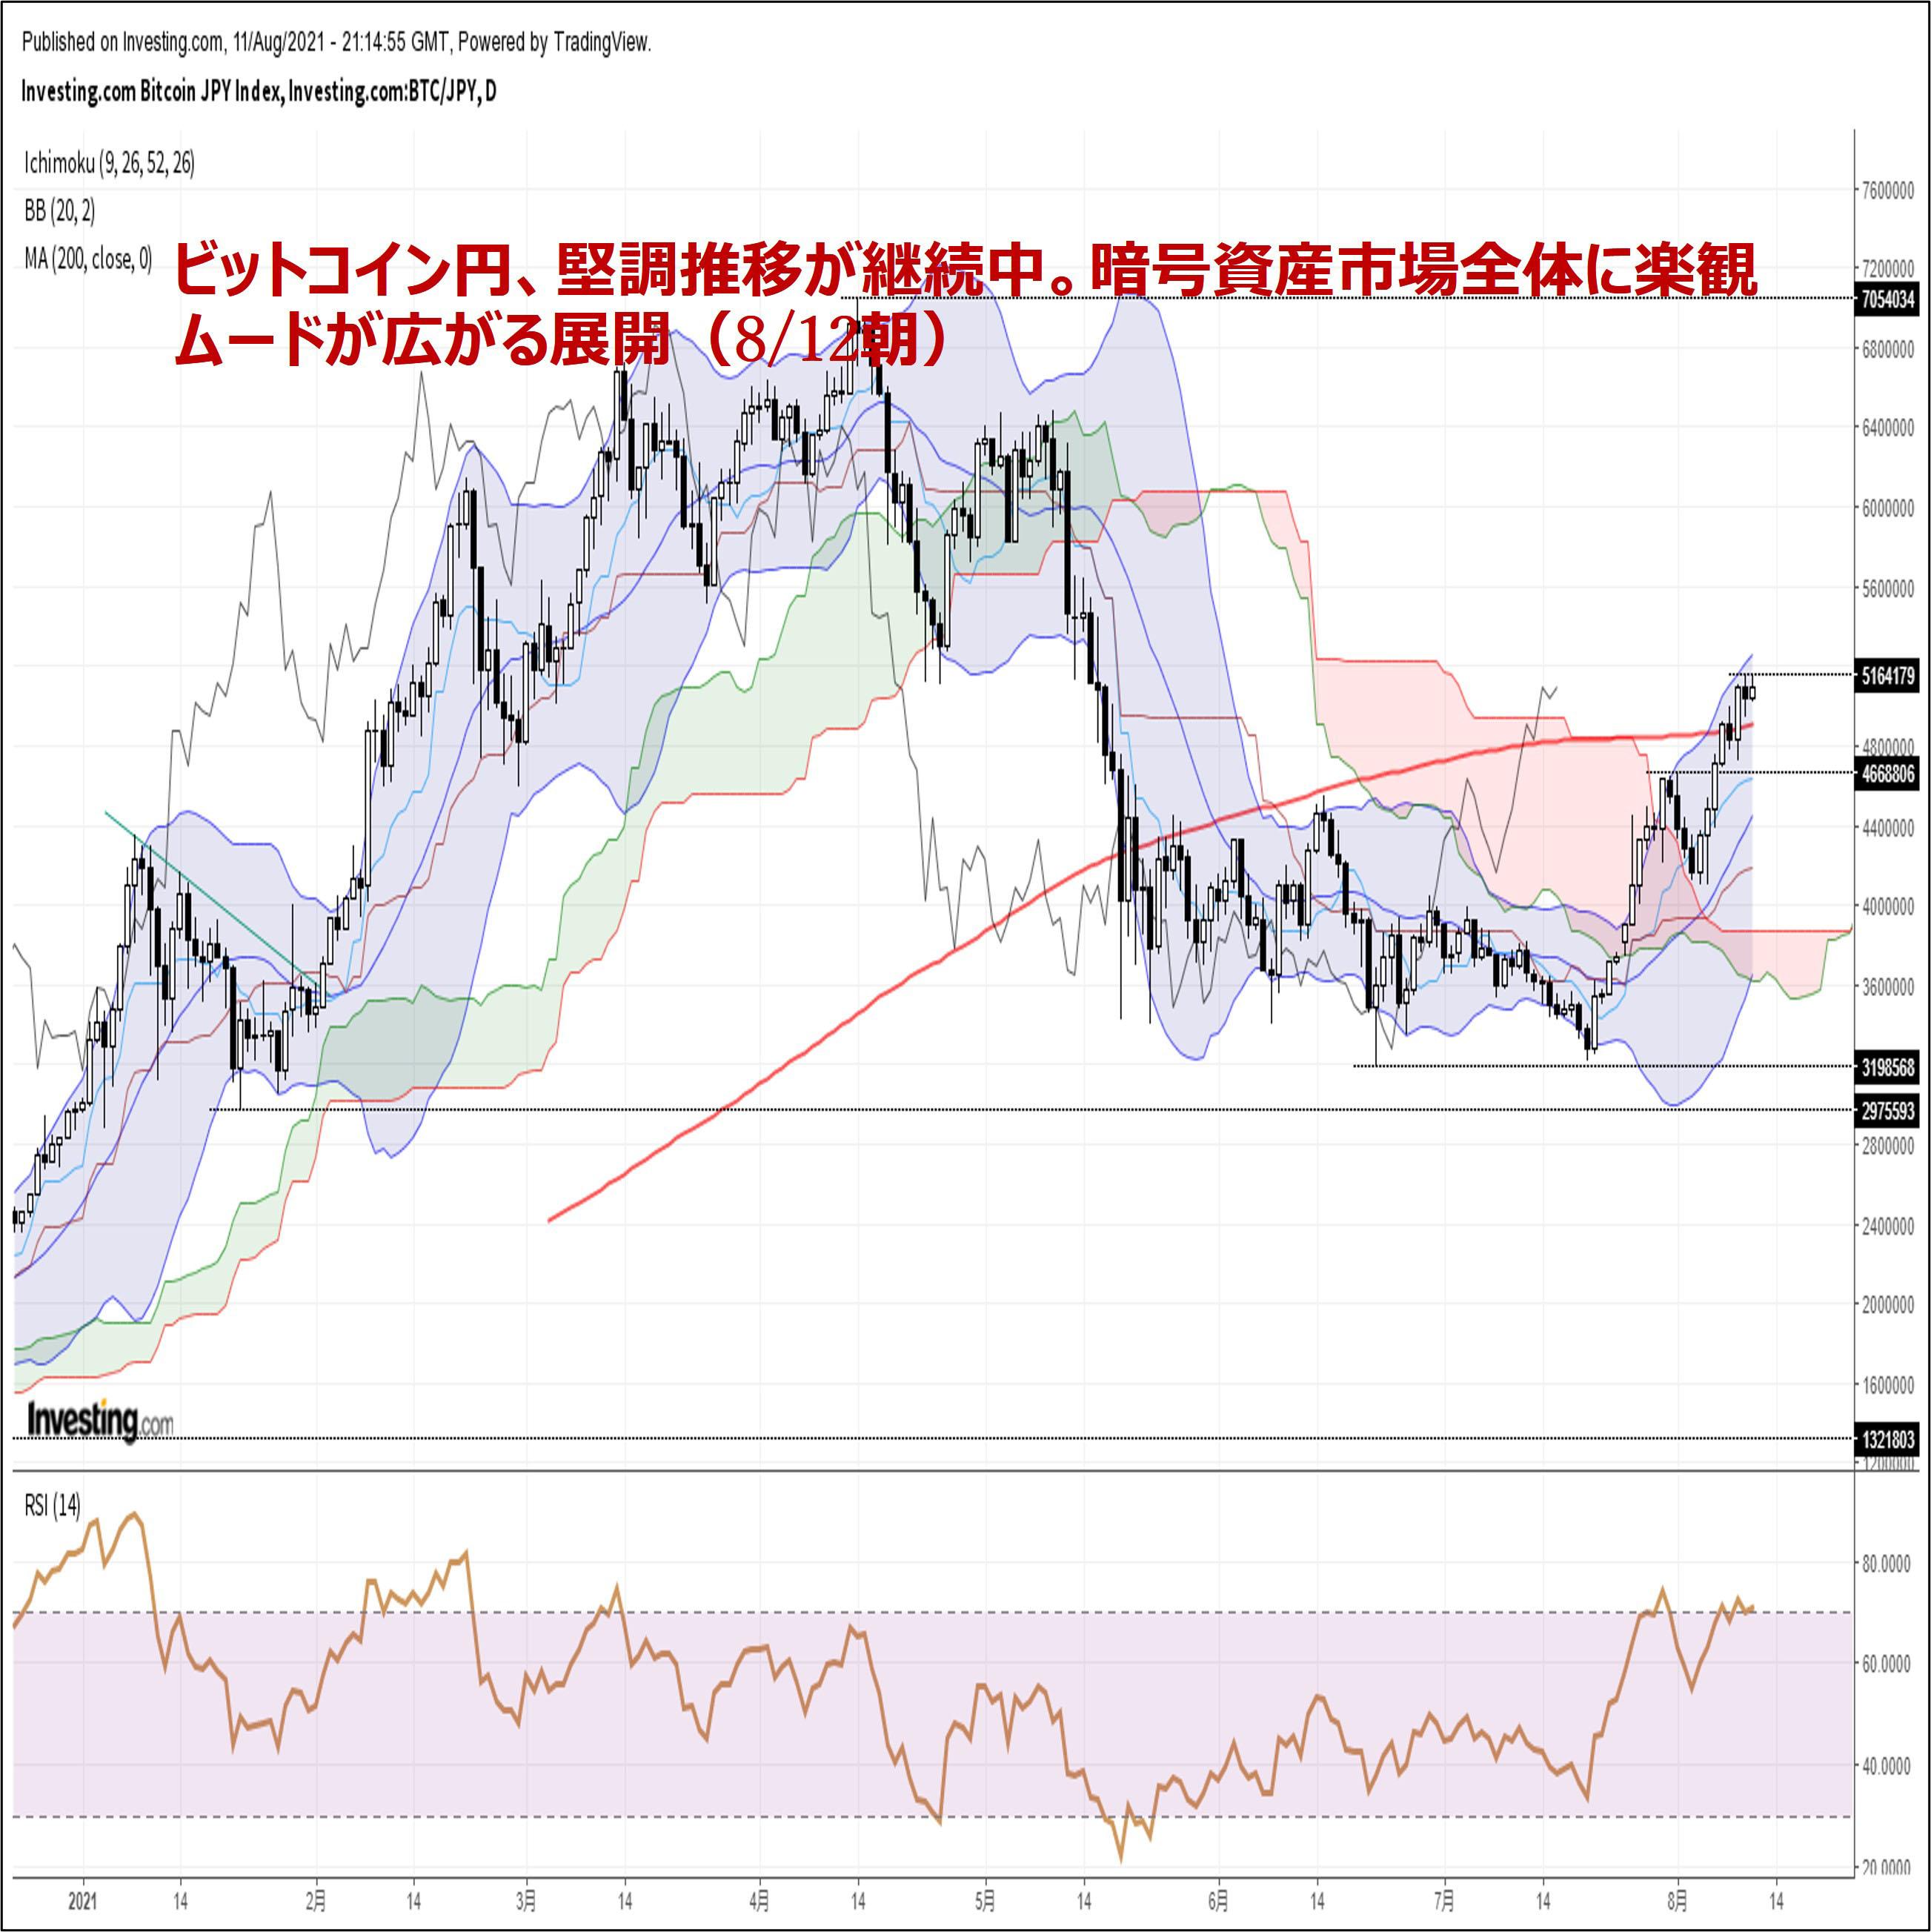 ビットコイン円、堅調推移が継続中。暗号資産市場全体に楽観ムードが広がる展開(8/12朝)